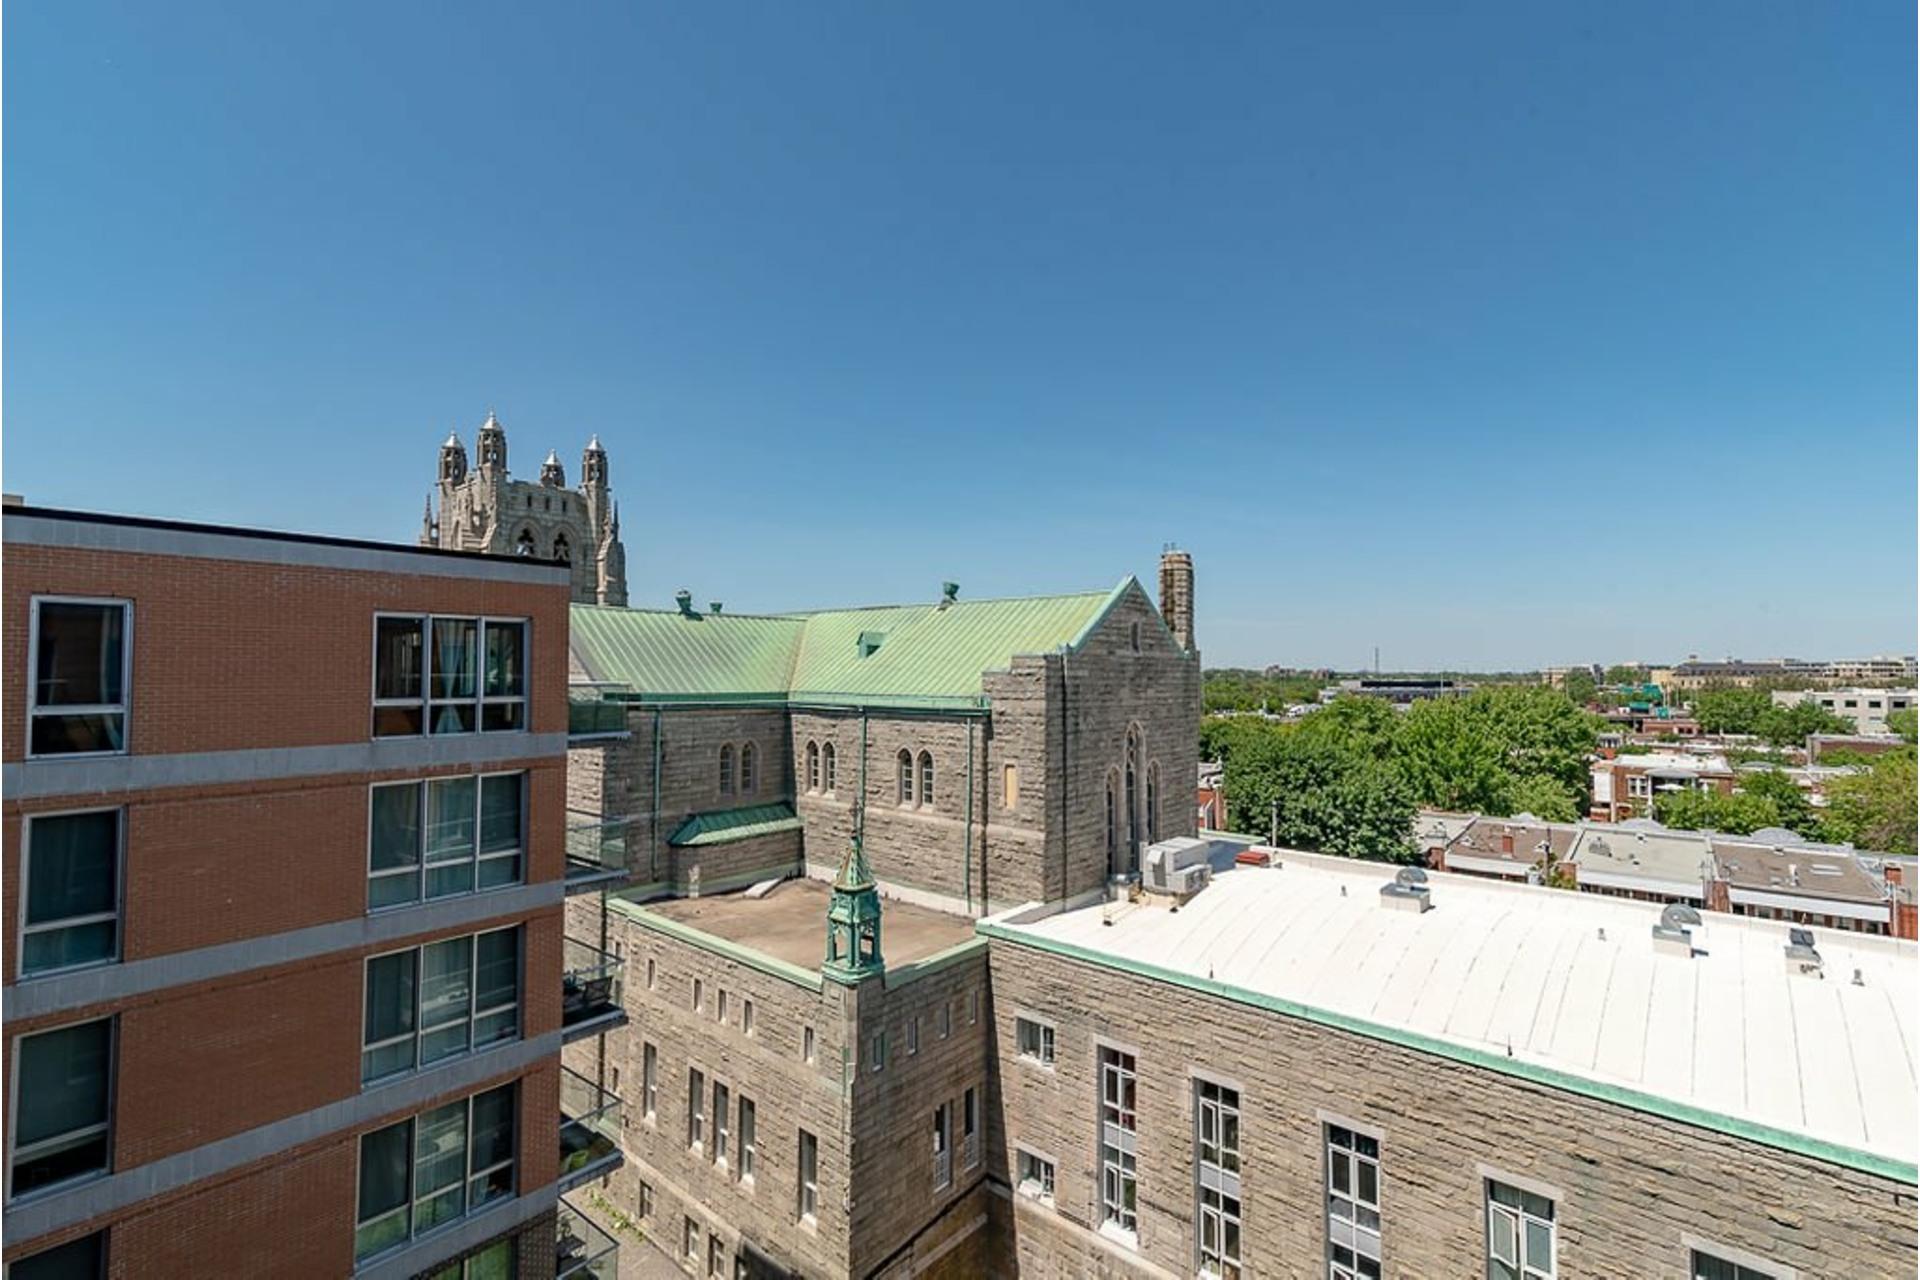 image 19 - Apartment For sale Villeray/Saint-Michel/Parc-Extension Montréal  - 4 rooms